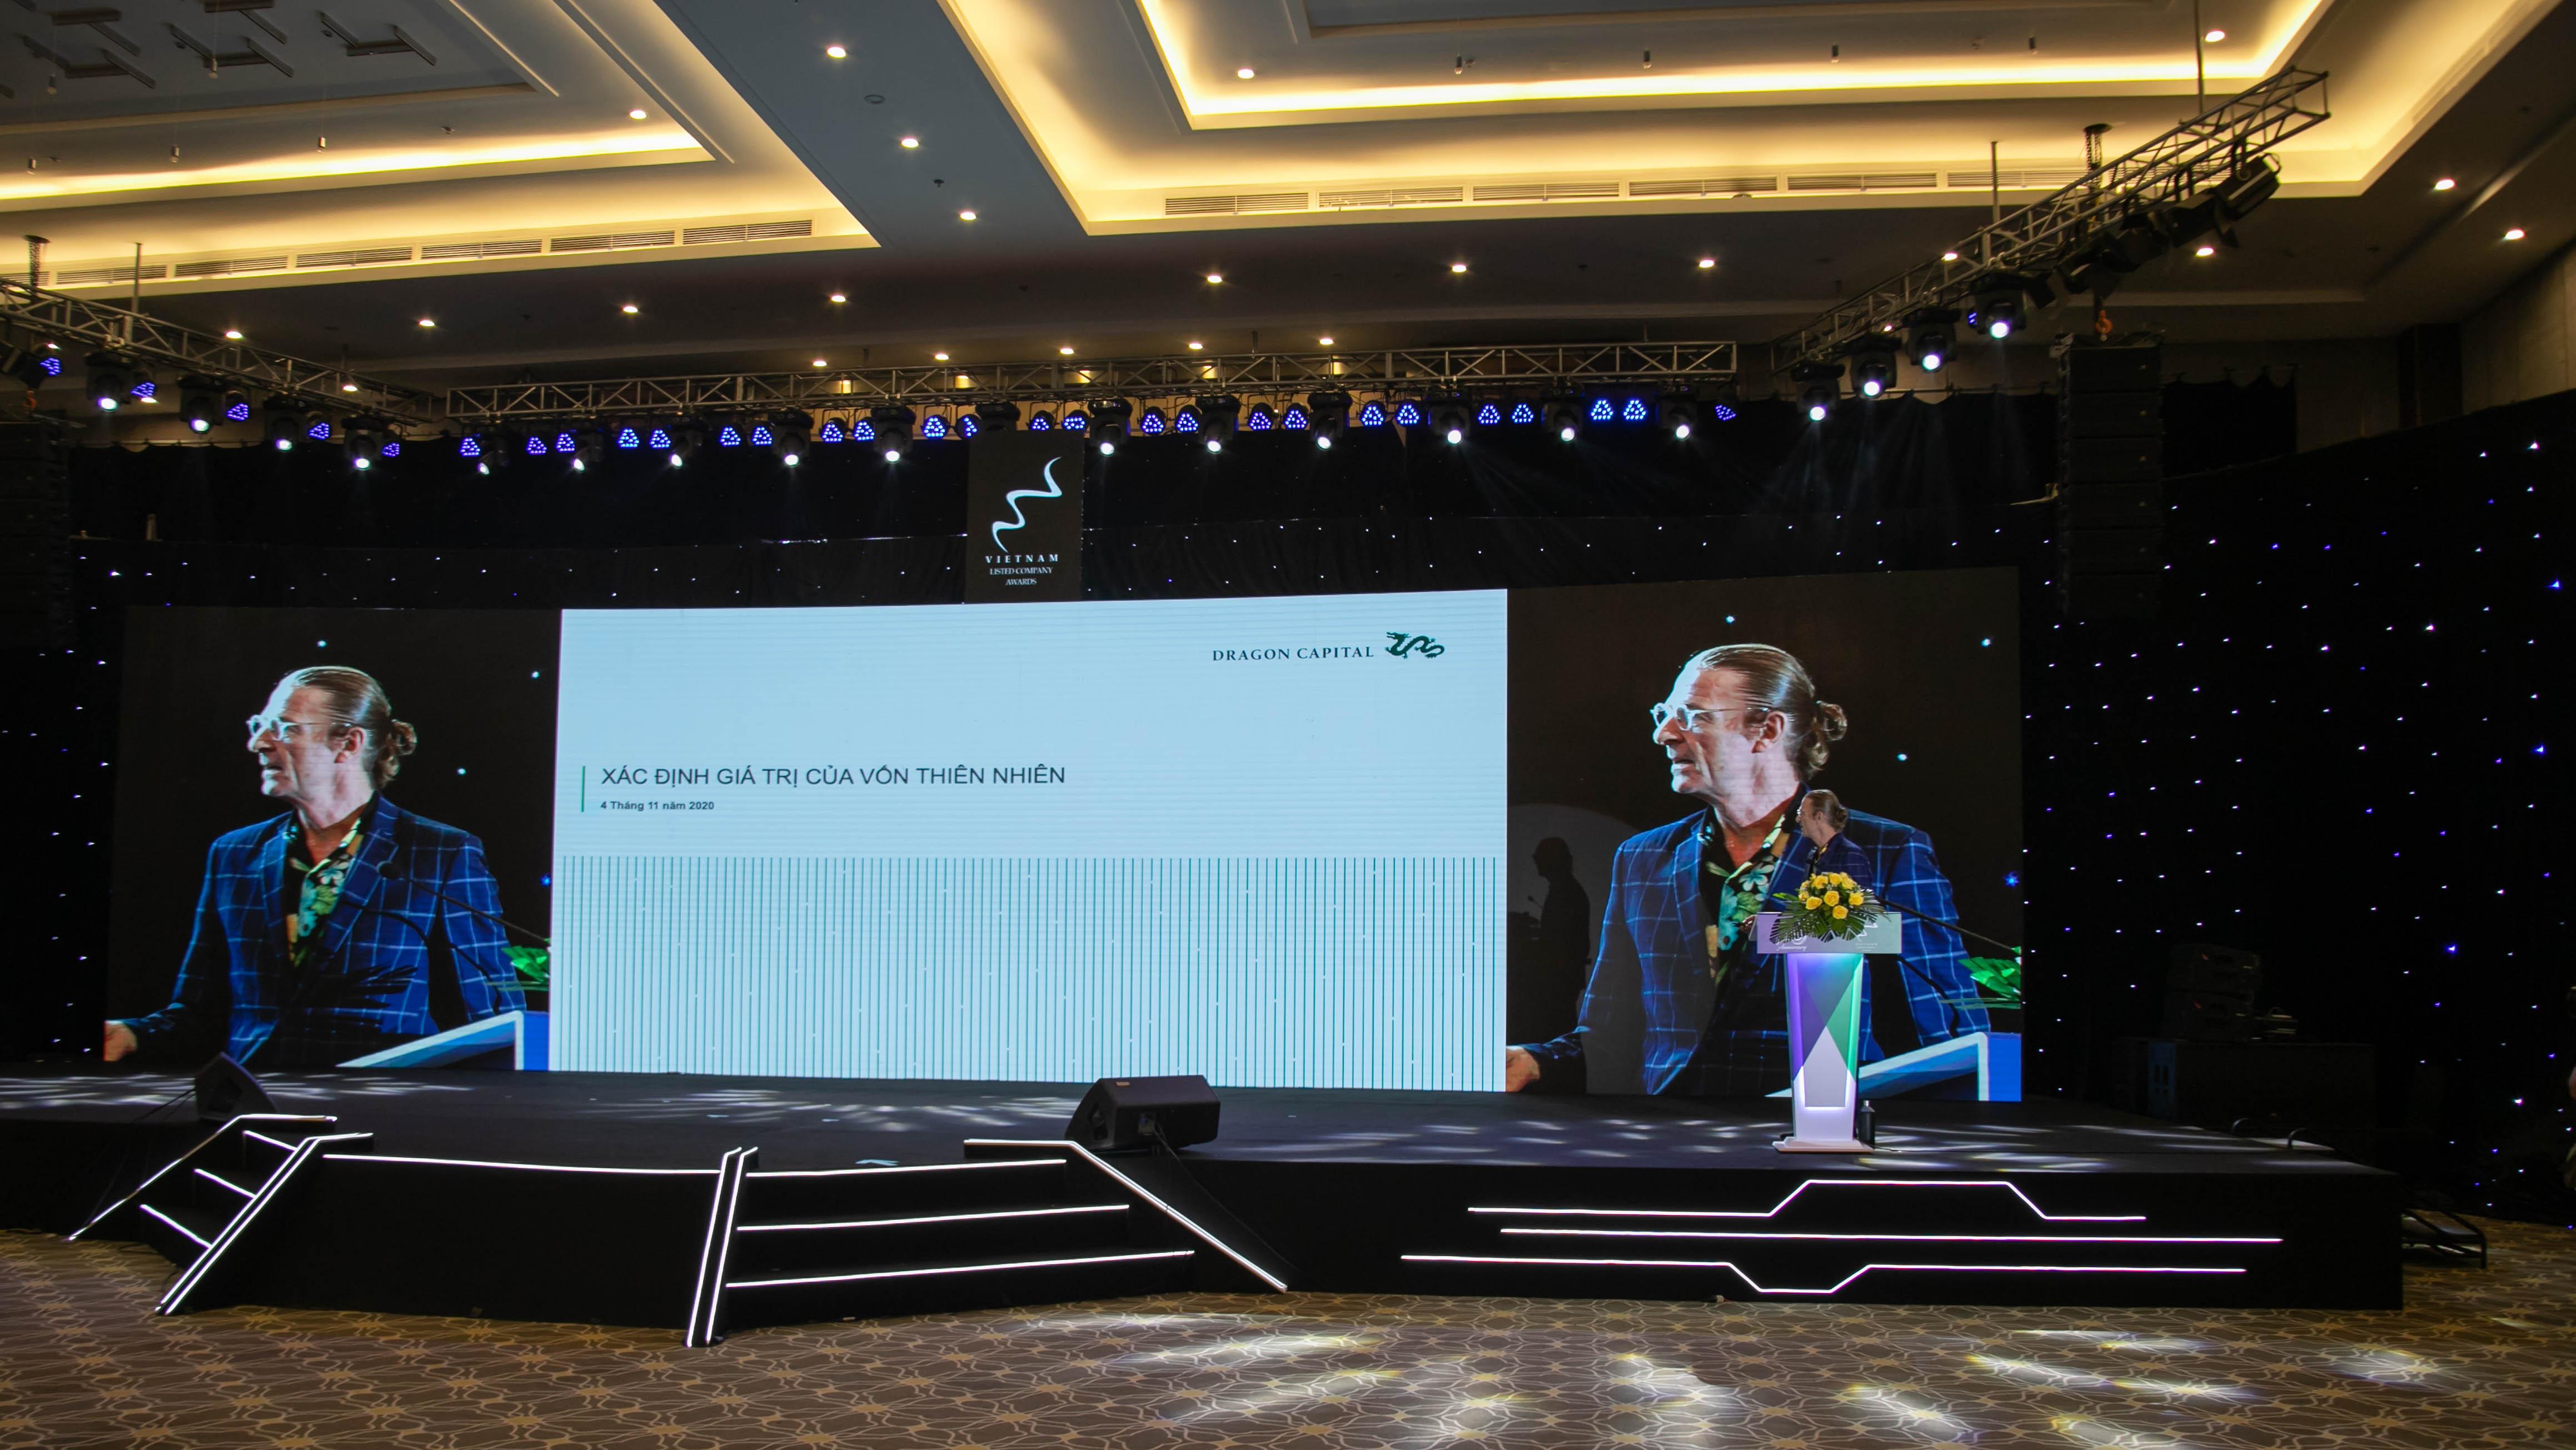 https://www.aravietnam.vn/wp-content/uploads/2020/12/IMG_8668.jpg